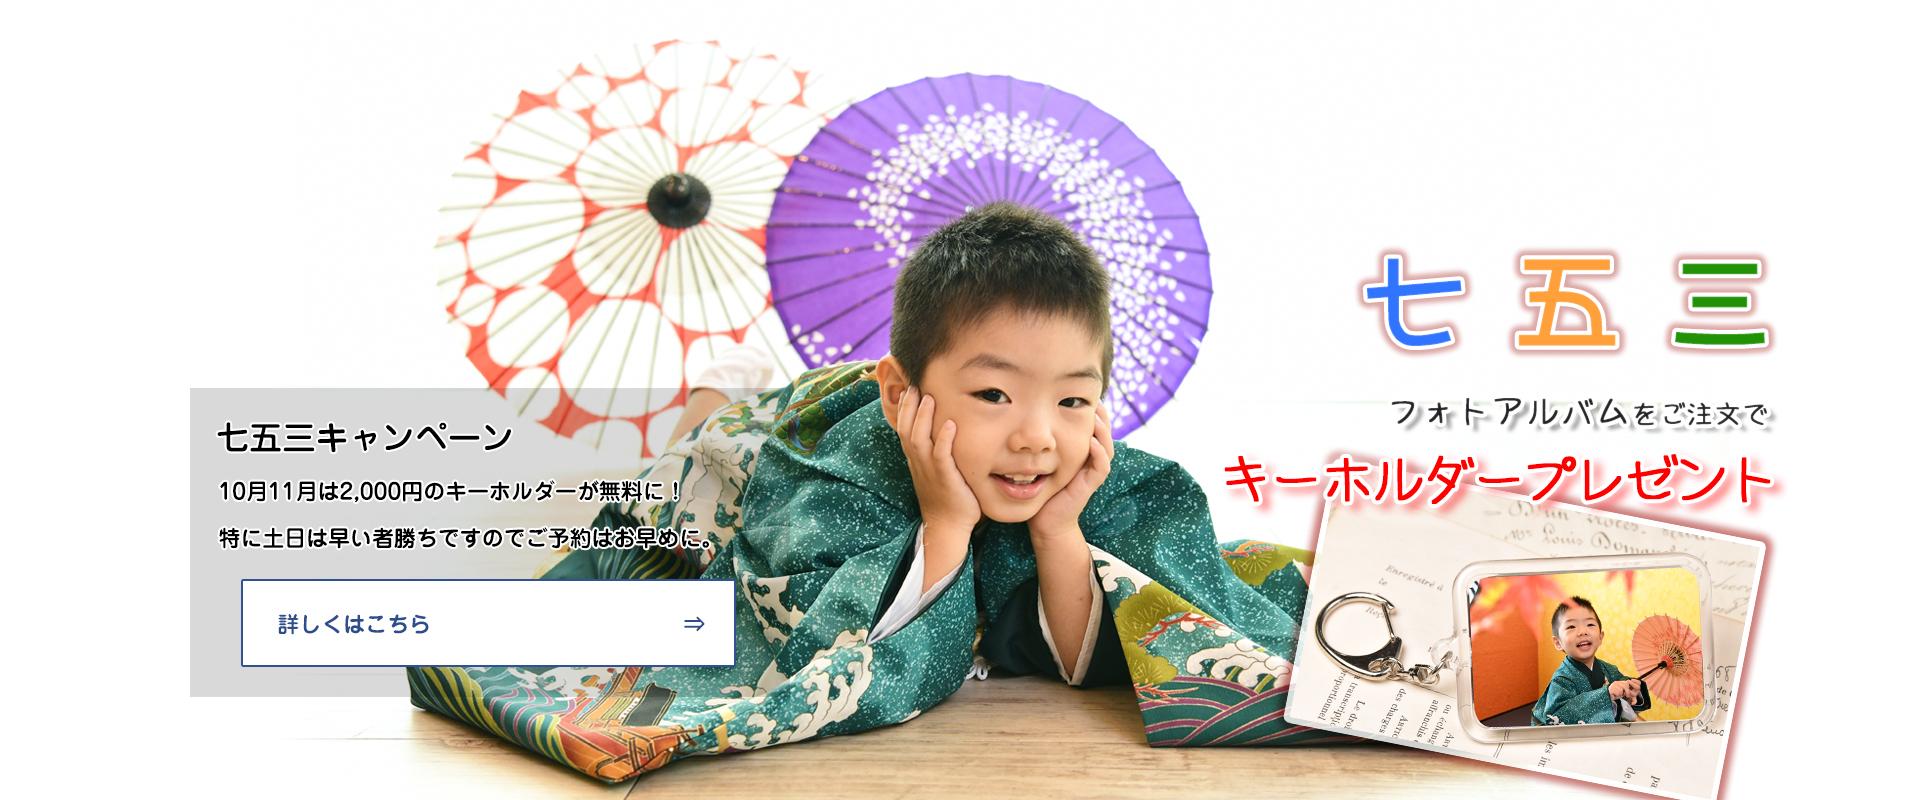 七五三キャンペーン フォトアルバムご注文で通常2,000円のキーホルダー無料プレゼント!